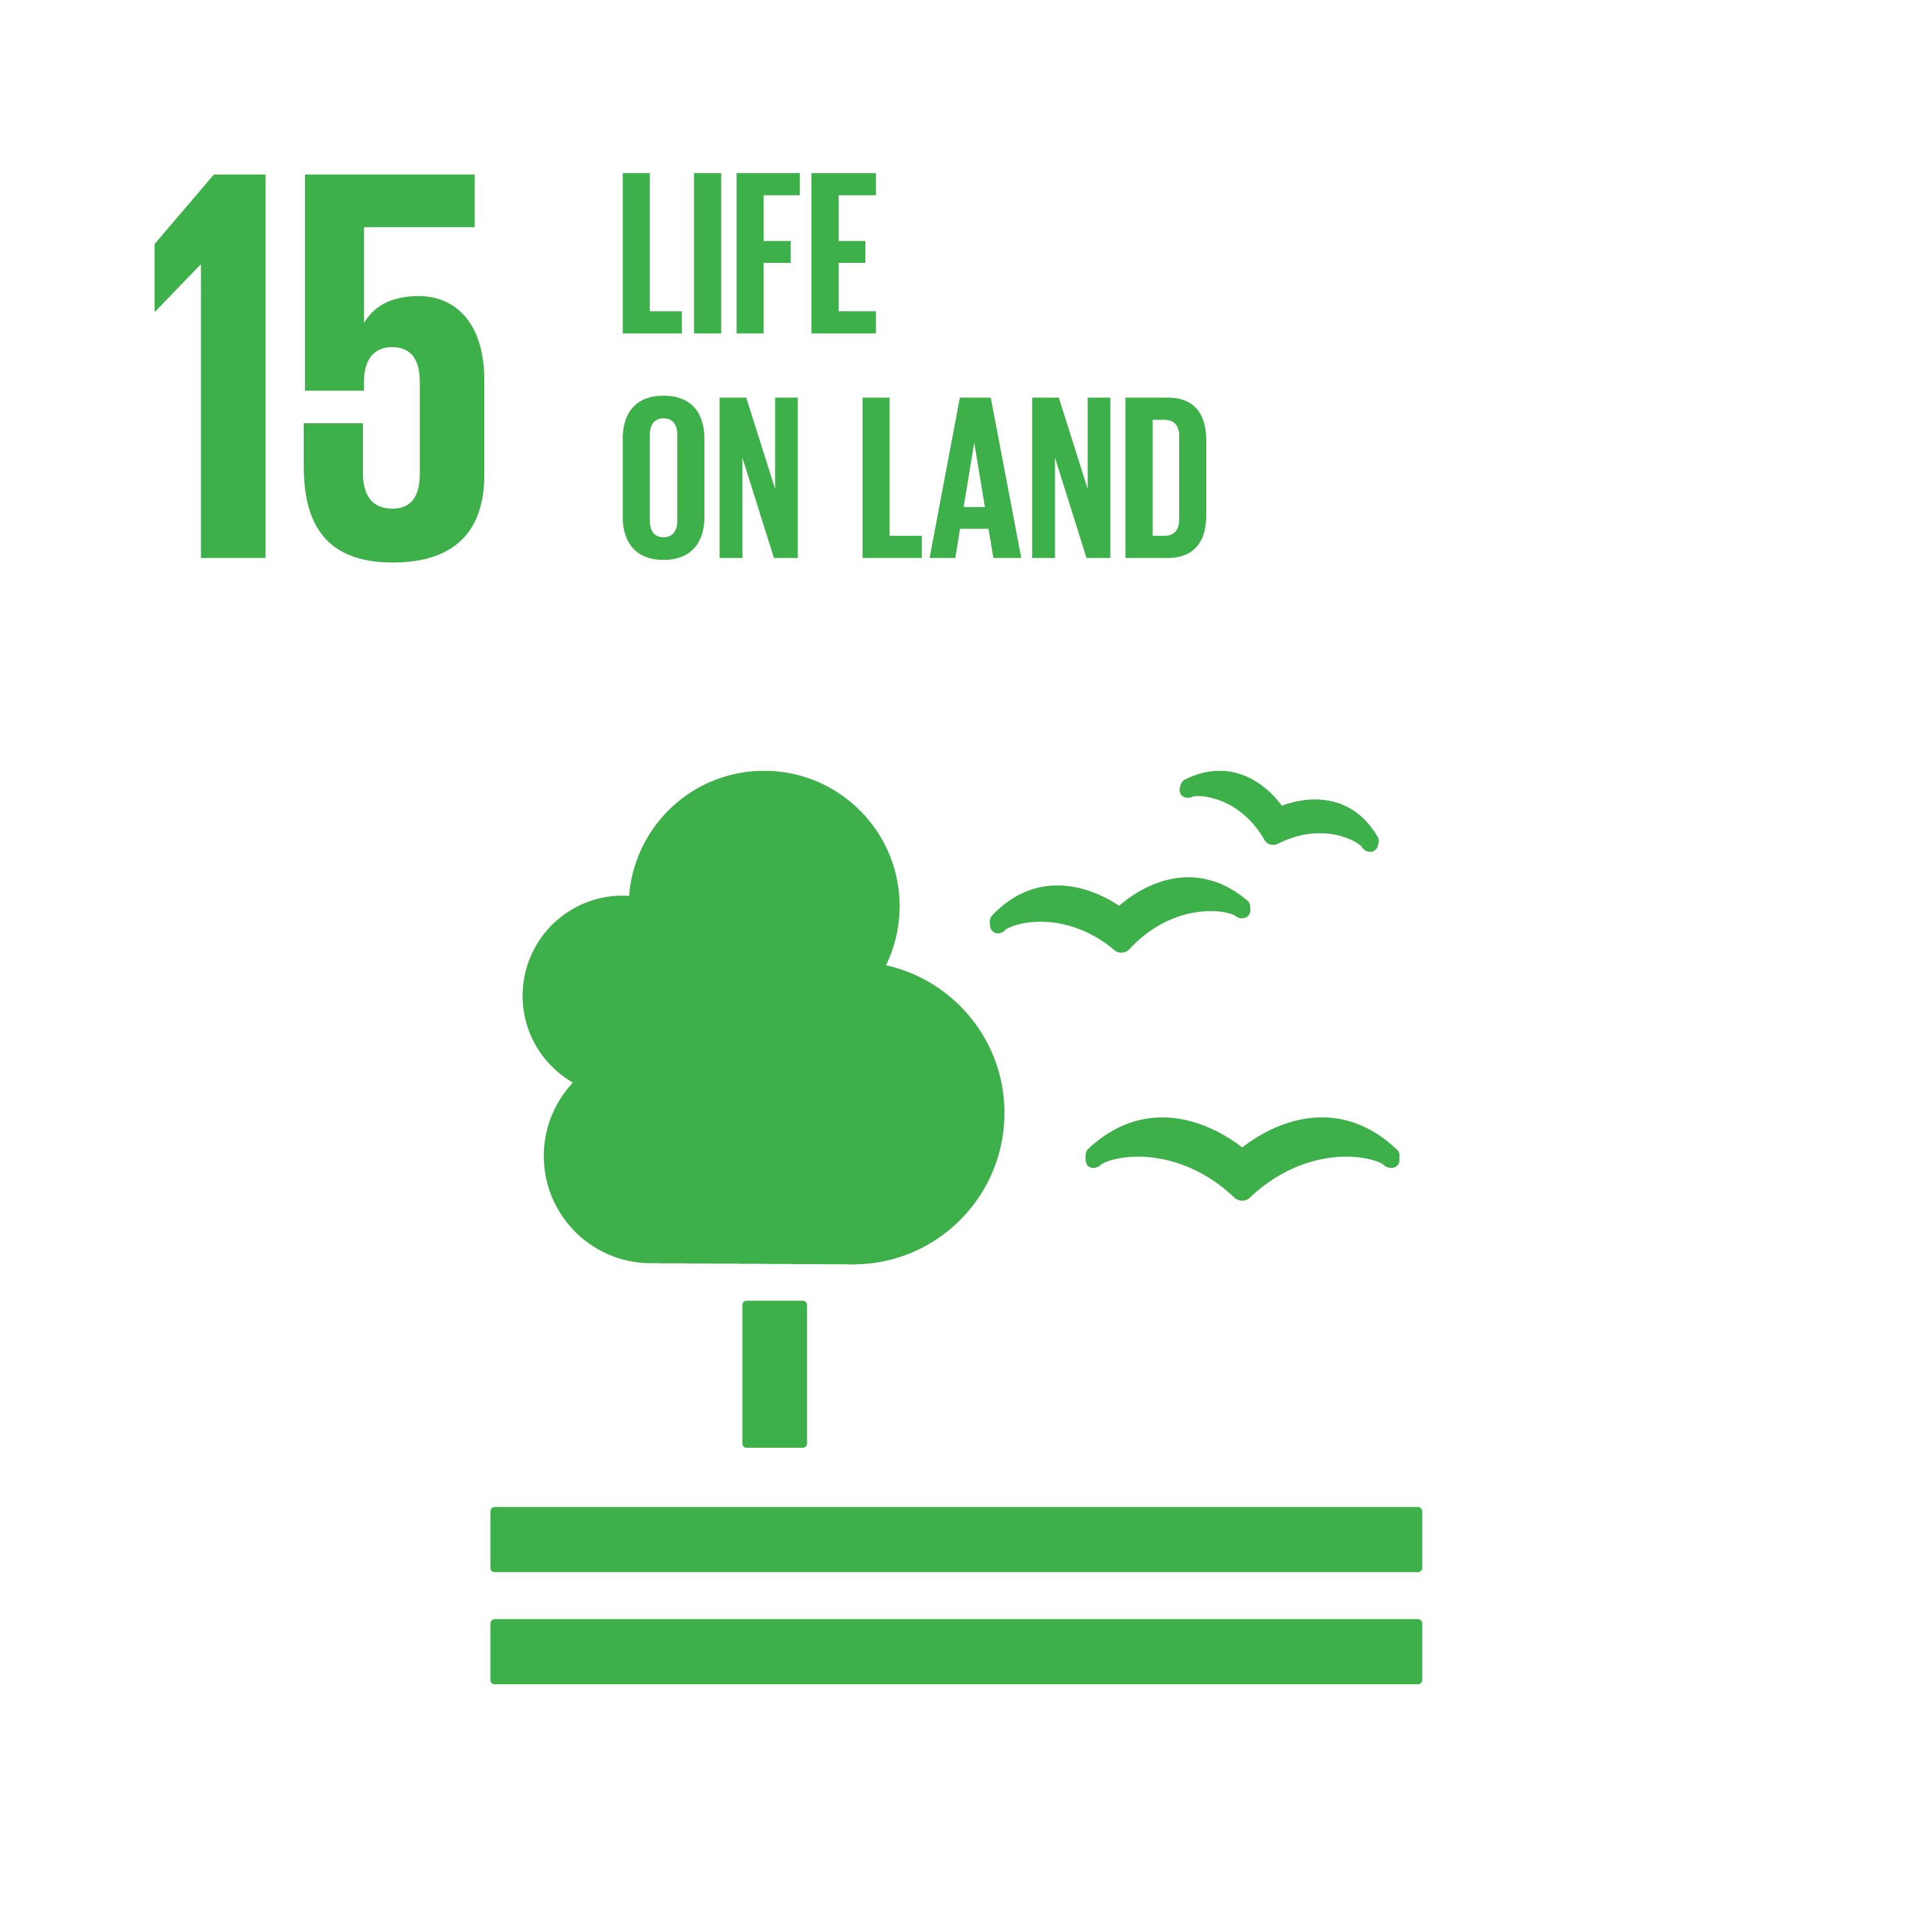 Image SDG 15; © UN